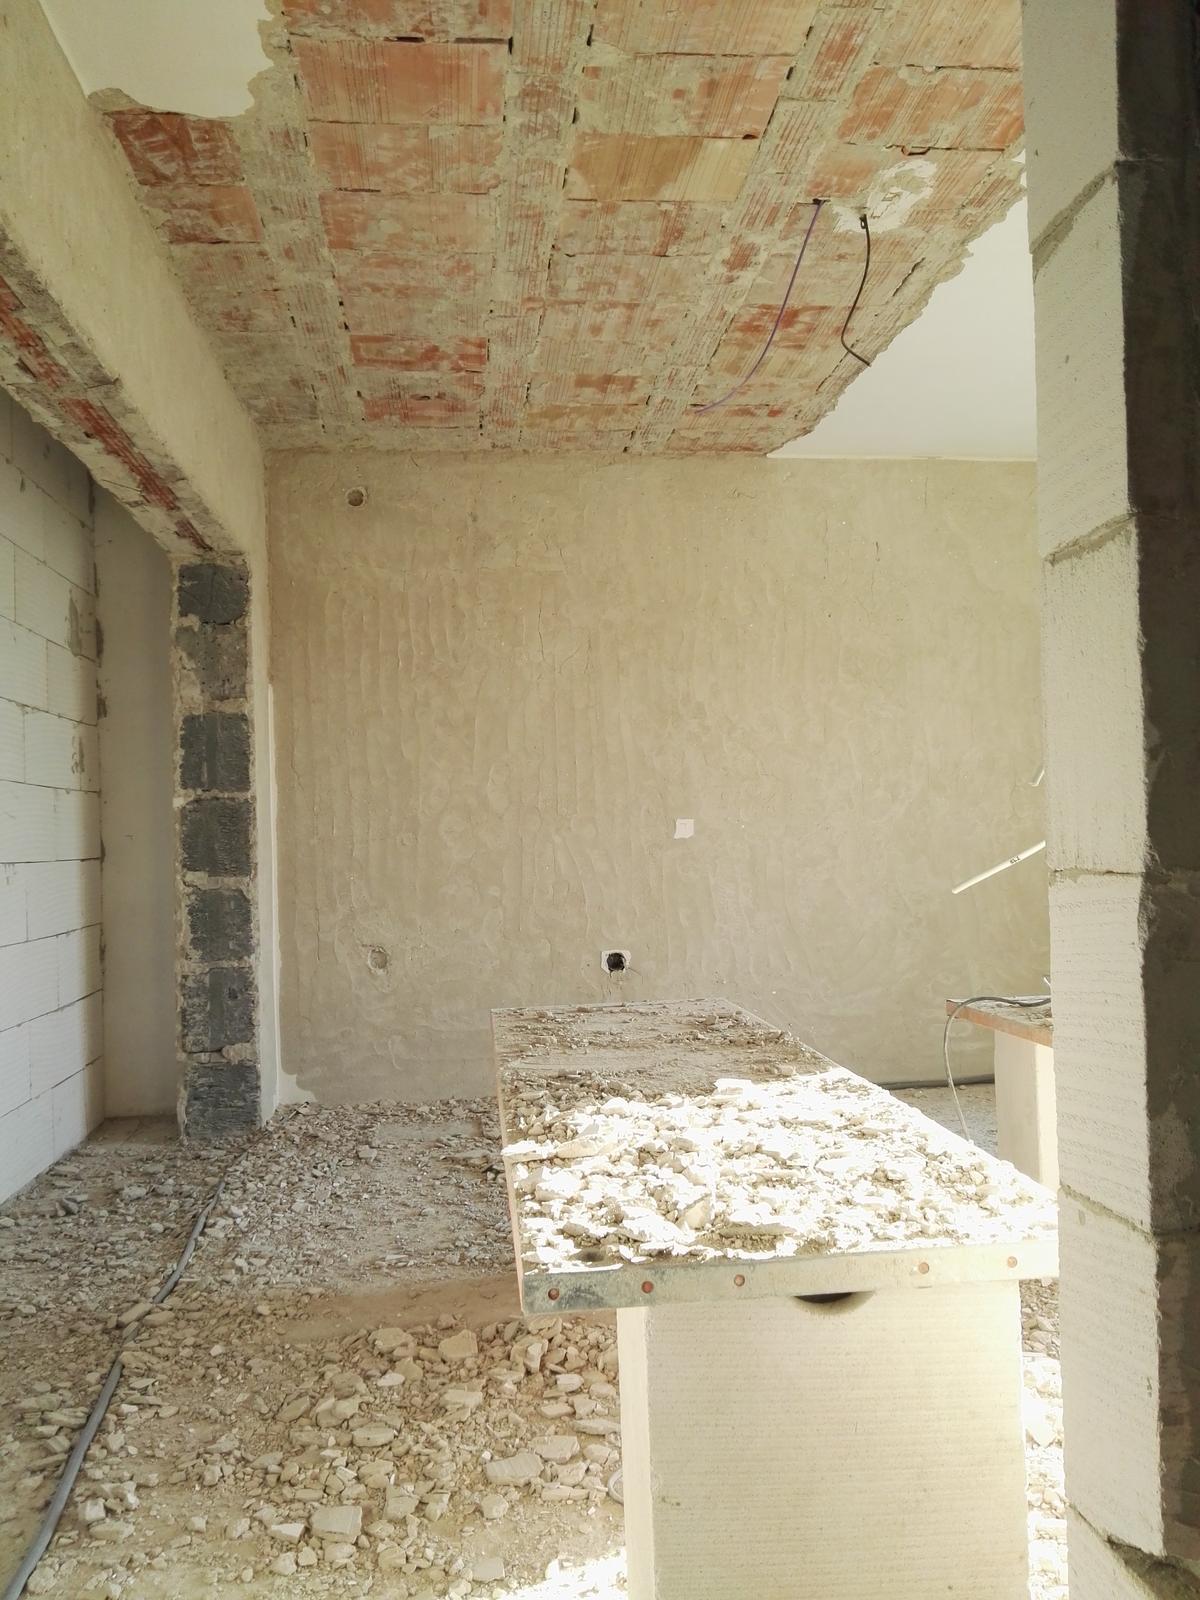 Rekonstrukcia RD - Po problémoch s technikou dobojovaná ďalšia izba.. 3/4 poschodia za nami :)